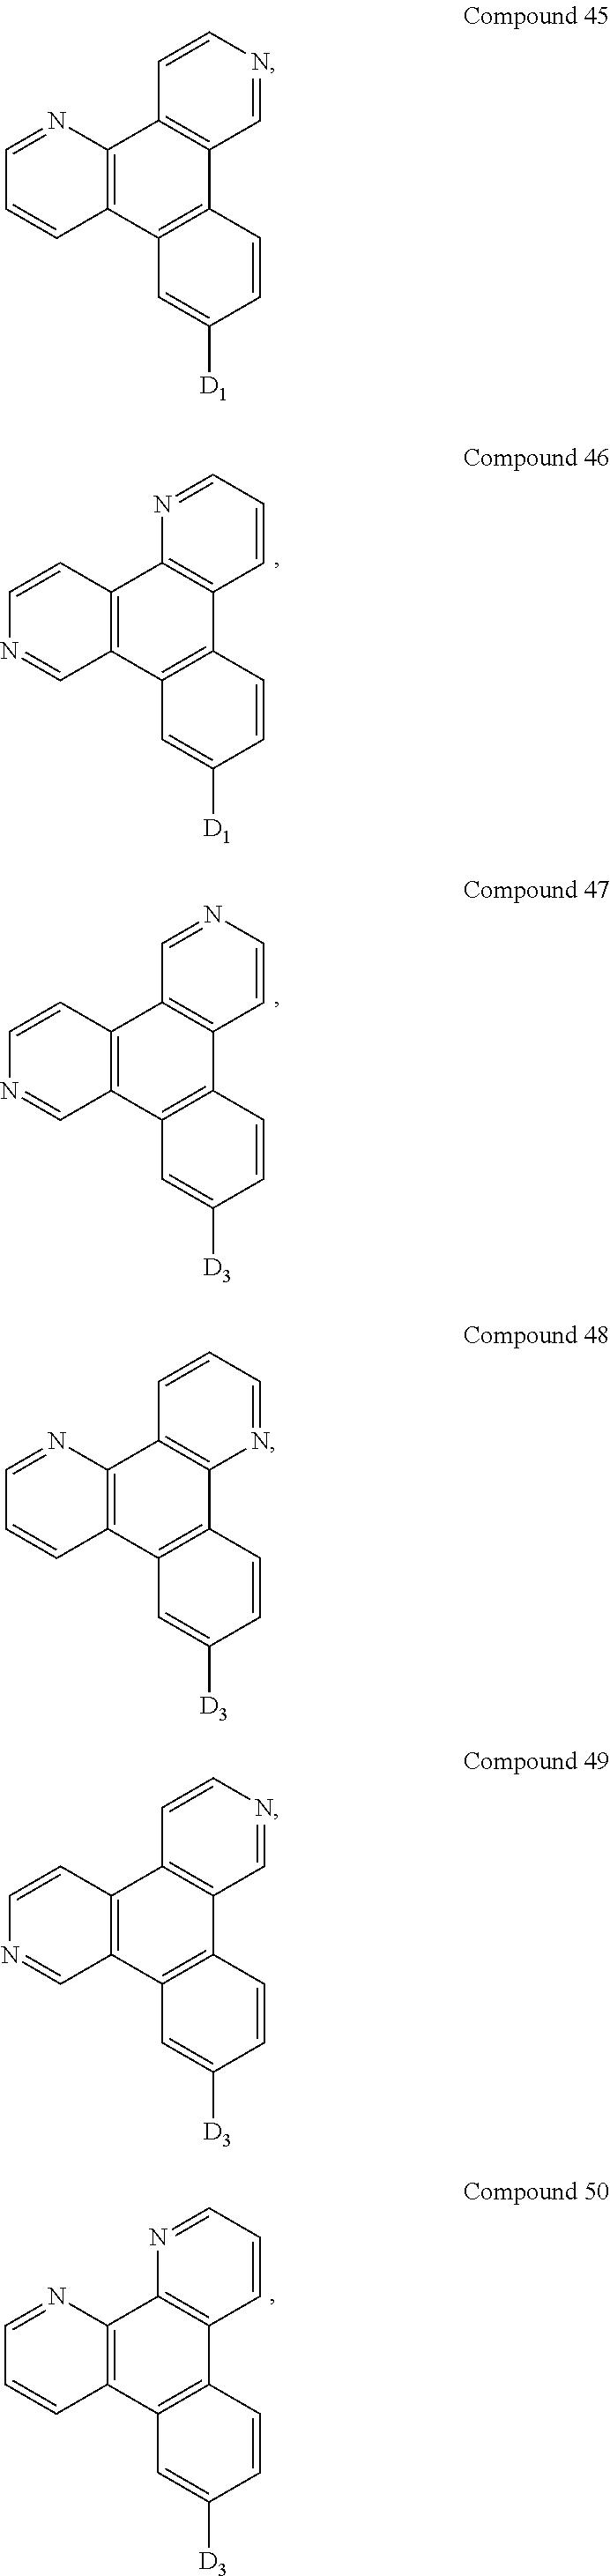 Figure US09537106-20170103-C00062